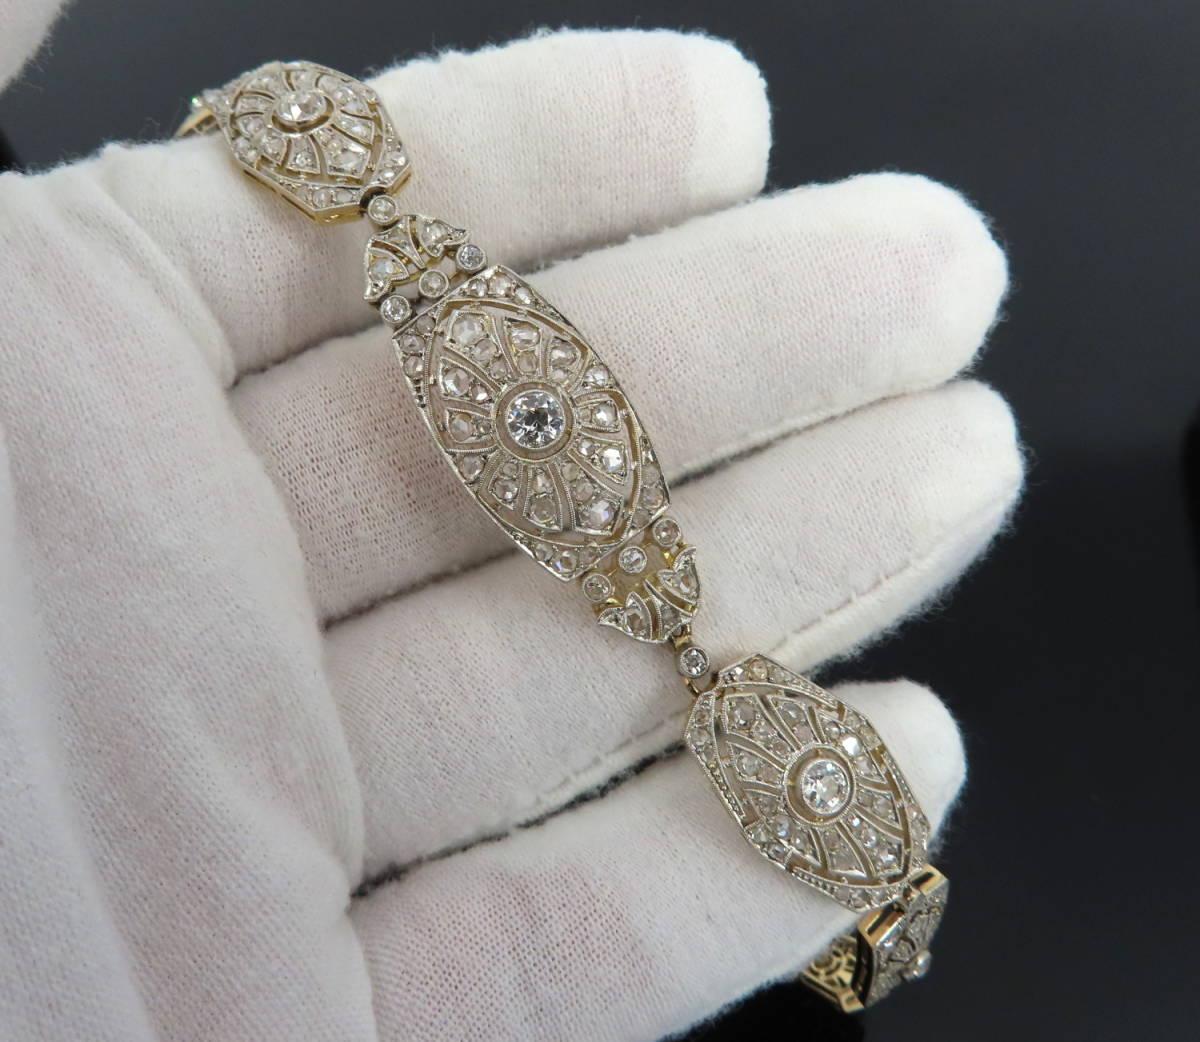 ◆大変貴重◆アンティーク◆《3.50ct オールドマイン&ローズ ダイヤモンド》【プラチナ&ゴールド】《ブレスレット ネックレス》_画像9